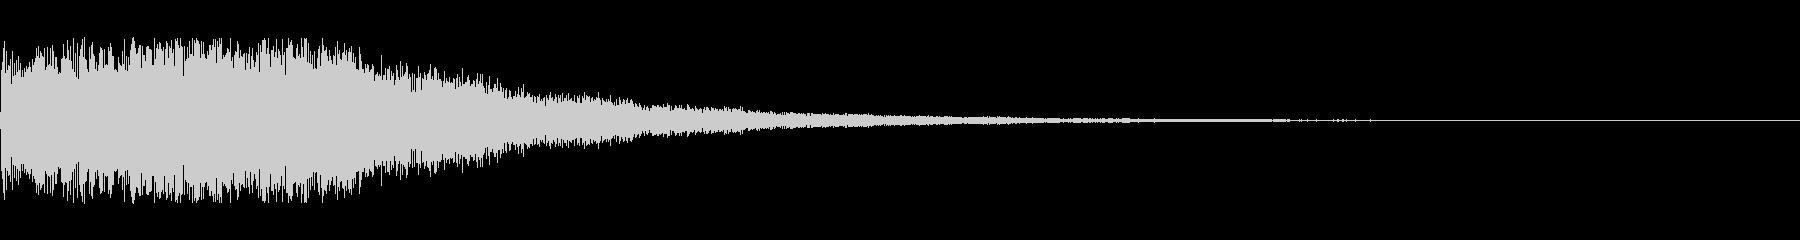 シンセサイザー シーン切り替え音の未再生の波形